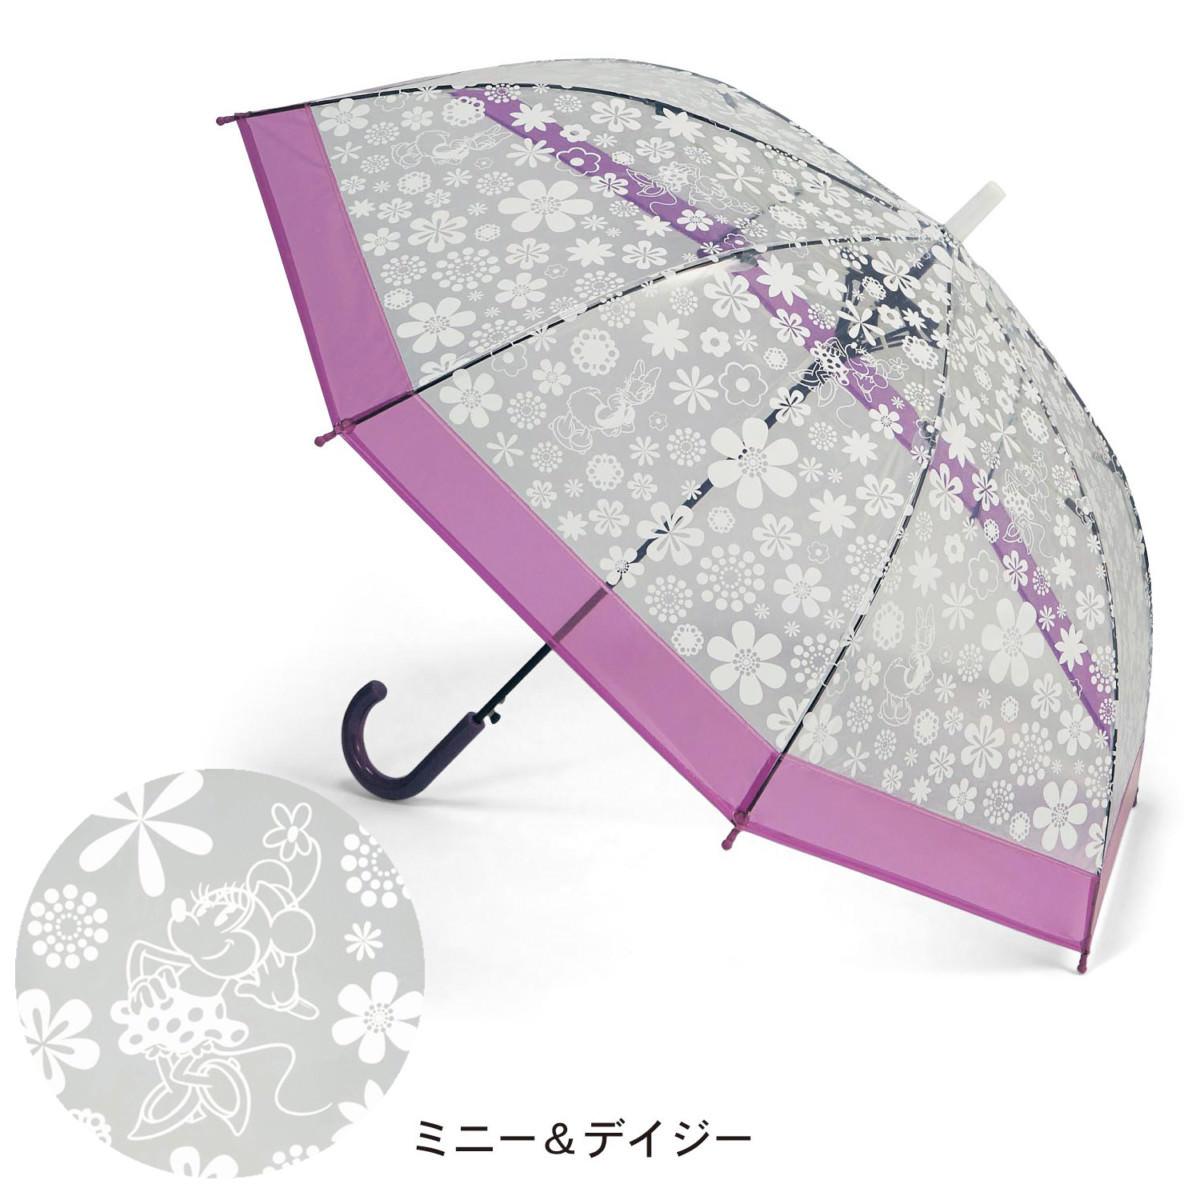 桜骨のカラフルビニール傘 ミニーデイジー